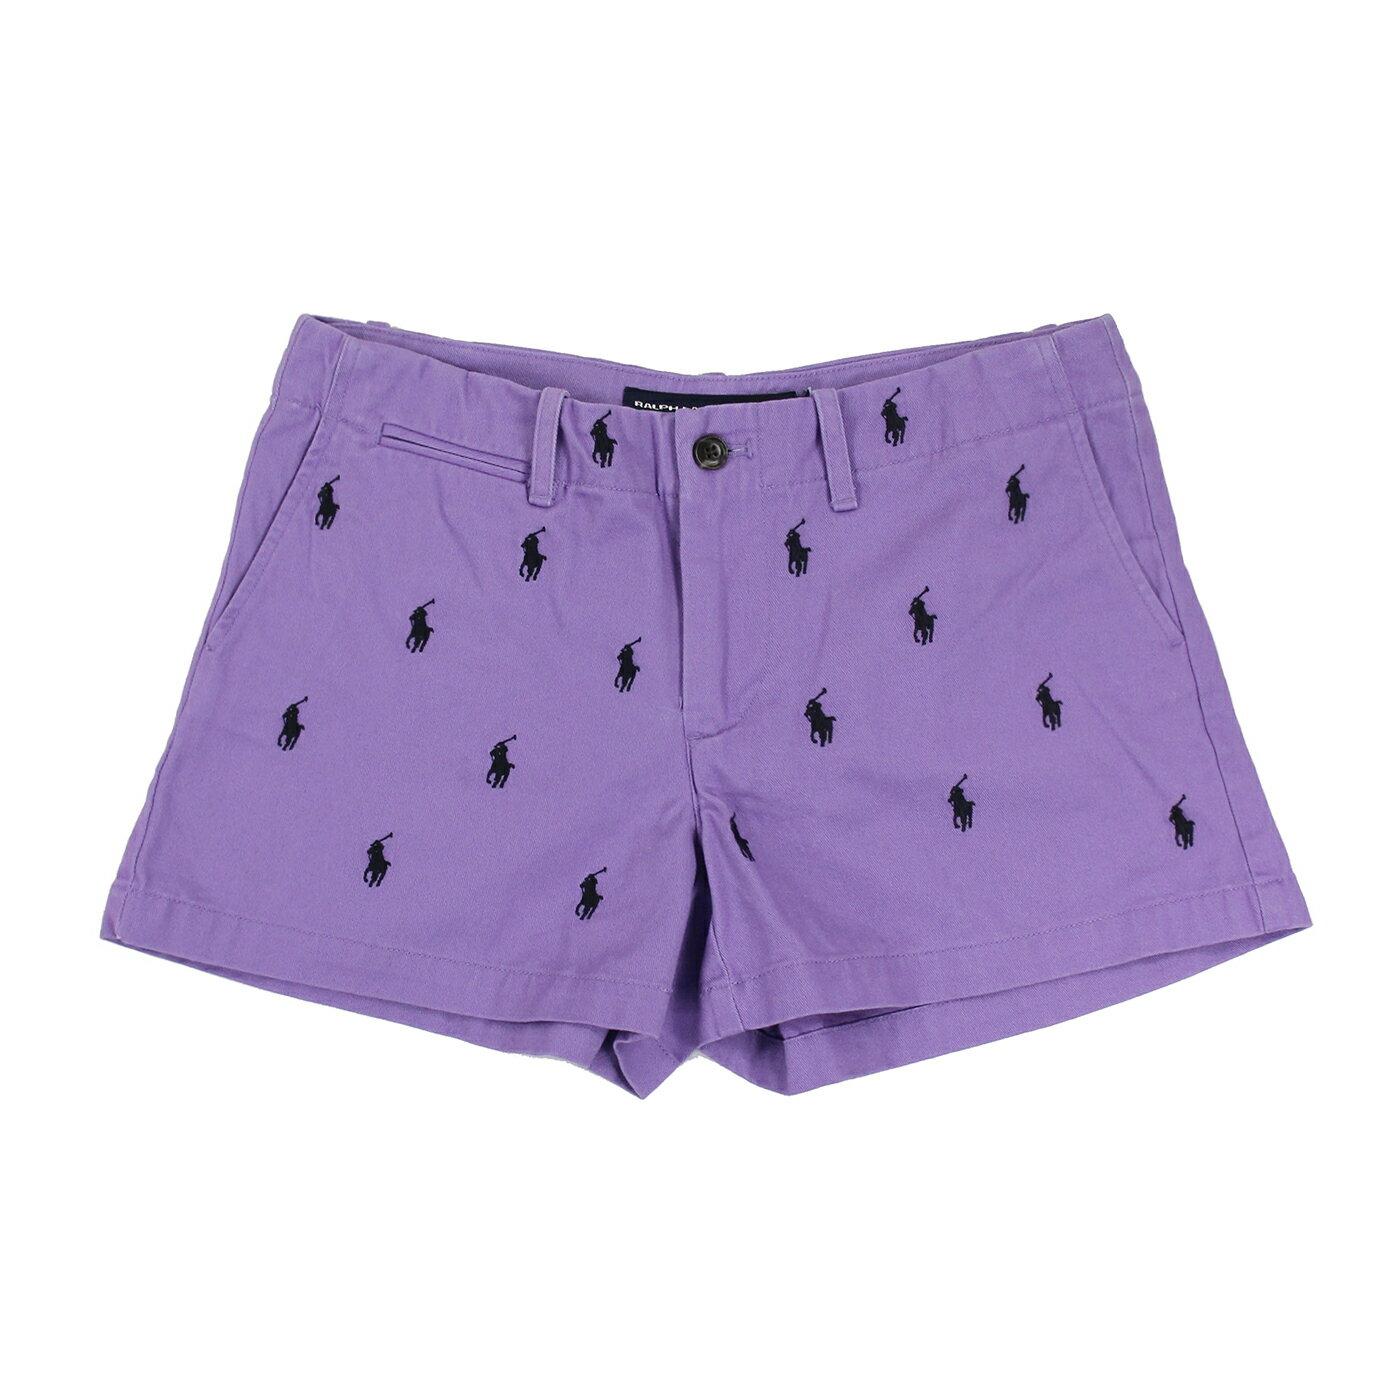 美國百分百【全新真品】Ralph Lauren 褲子 RL 短褲 牛仔褲 熱褲 Polo 小馬 女 2號 紫色 C395